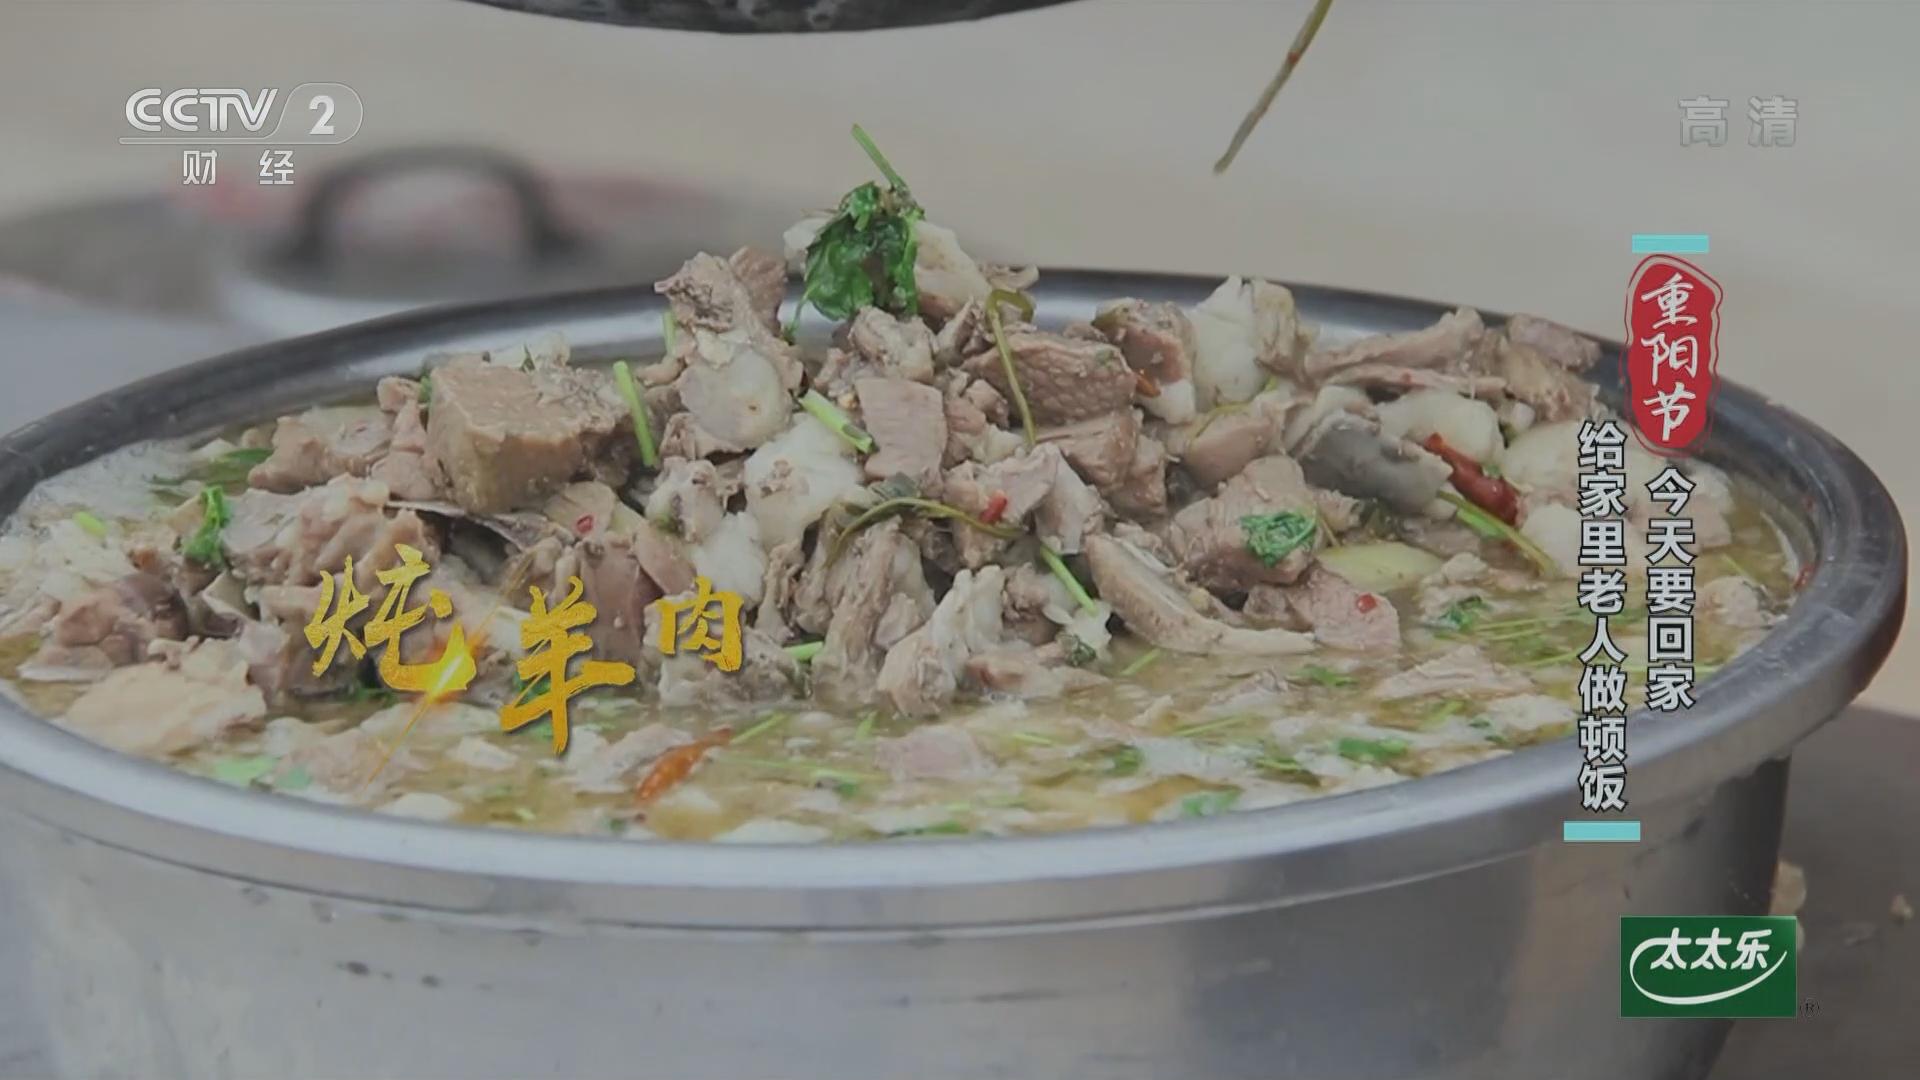 《回家吃饭》 20211014 重阳节 今天要回家 给家里老人做顿饭